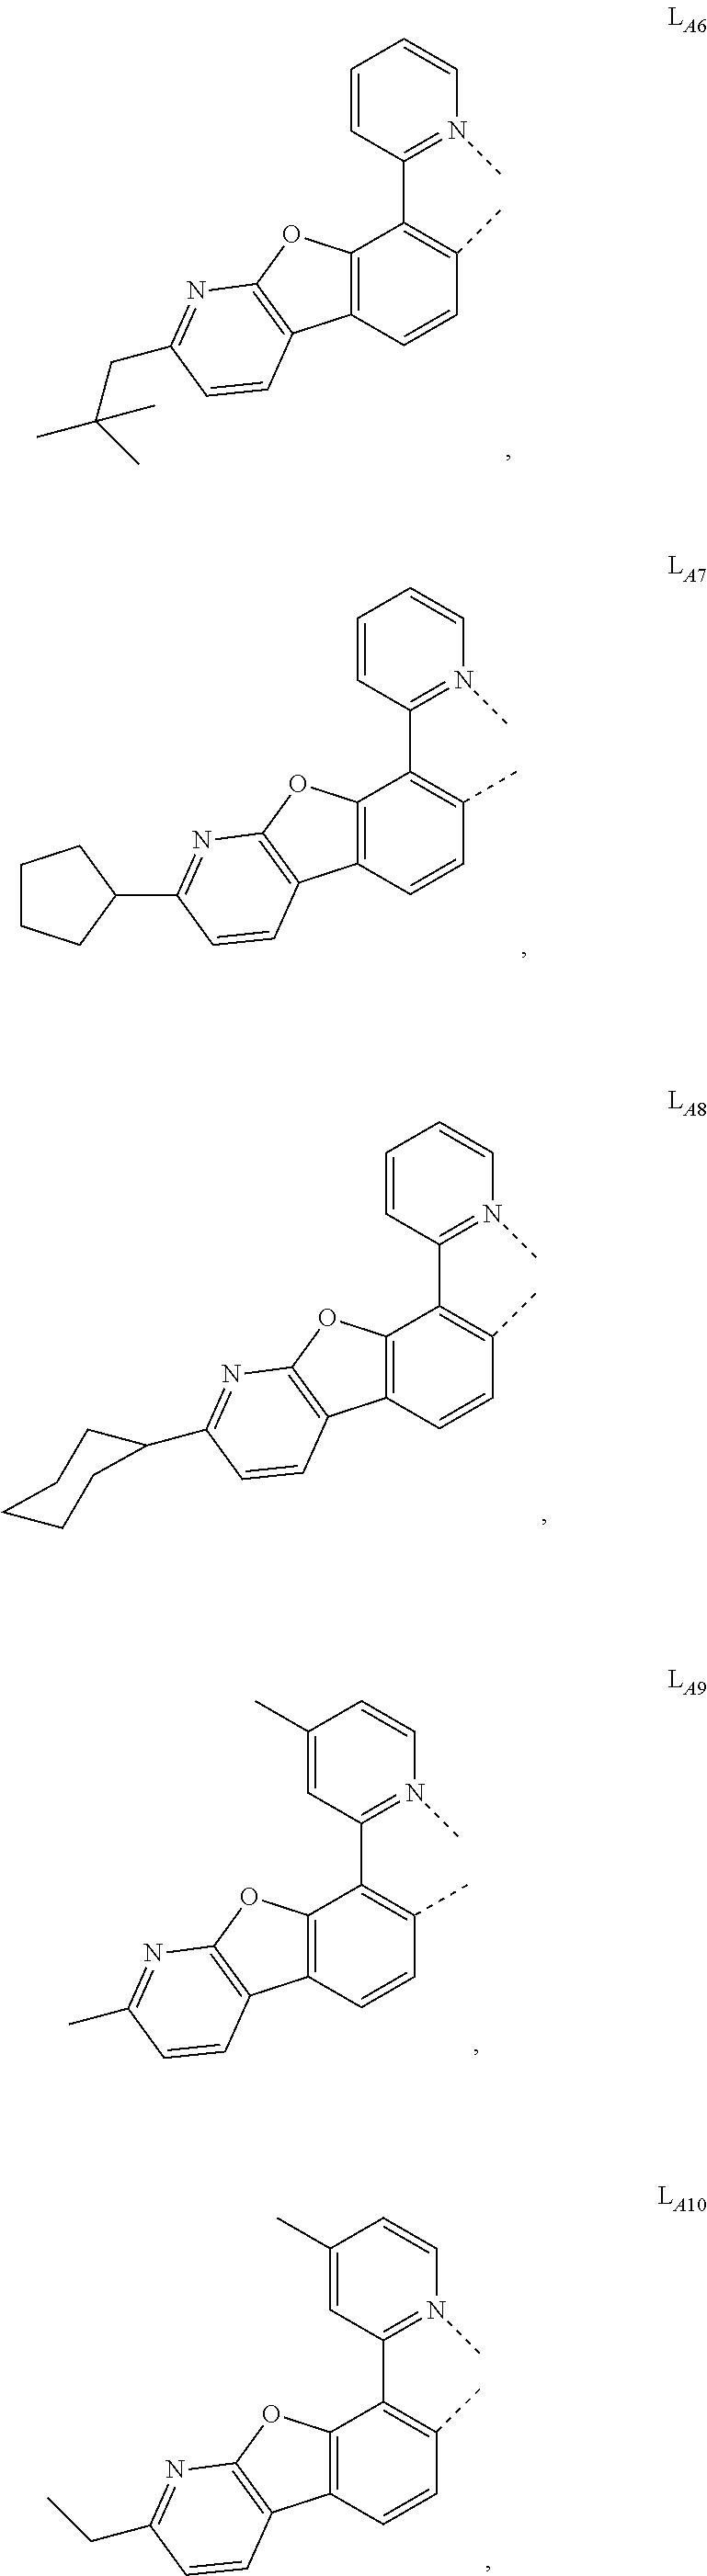 Figure US20160049599A1-20160218-C00010